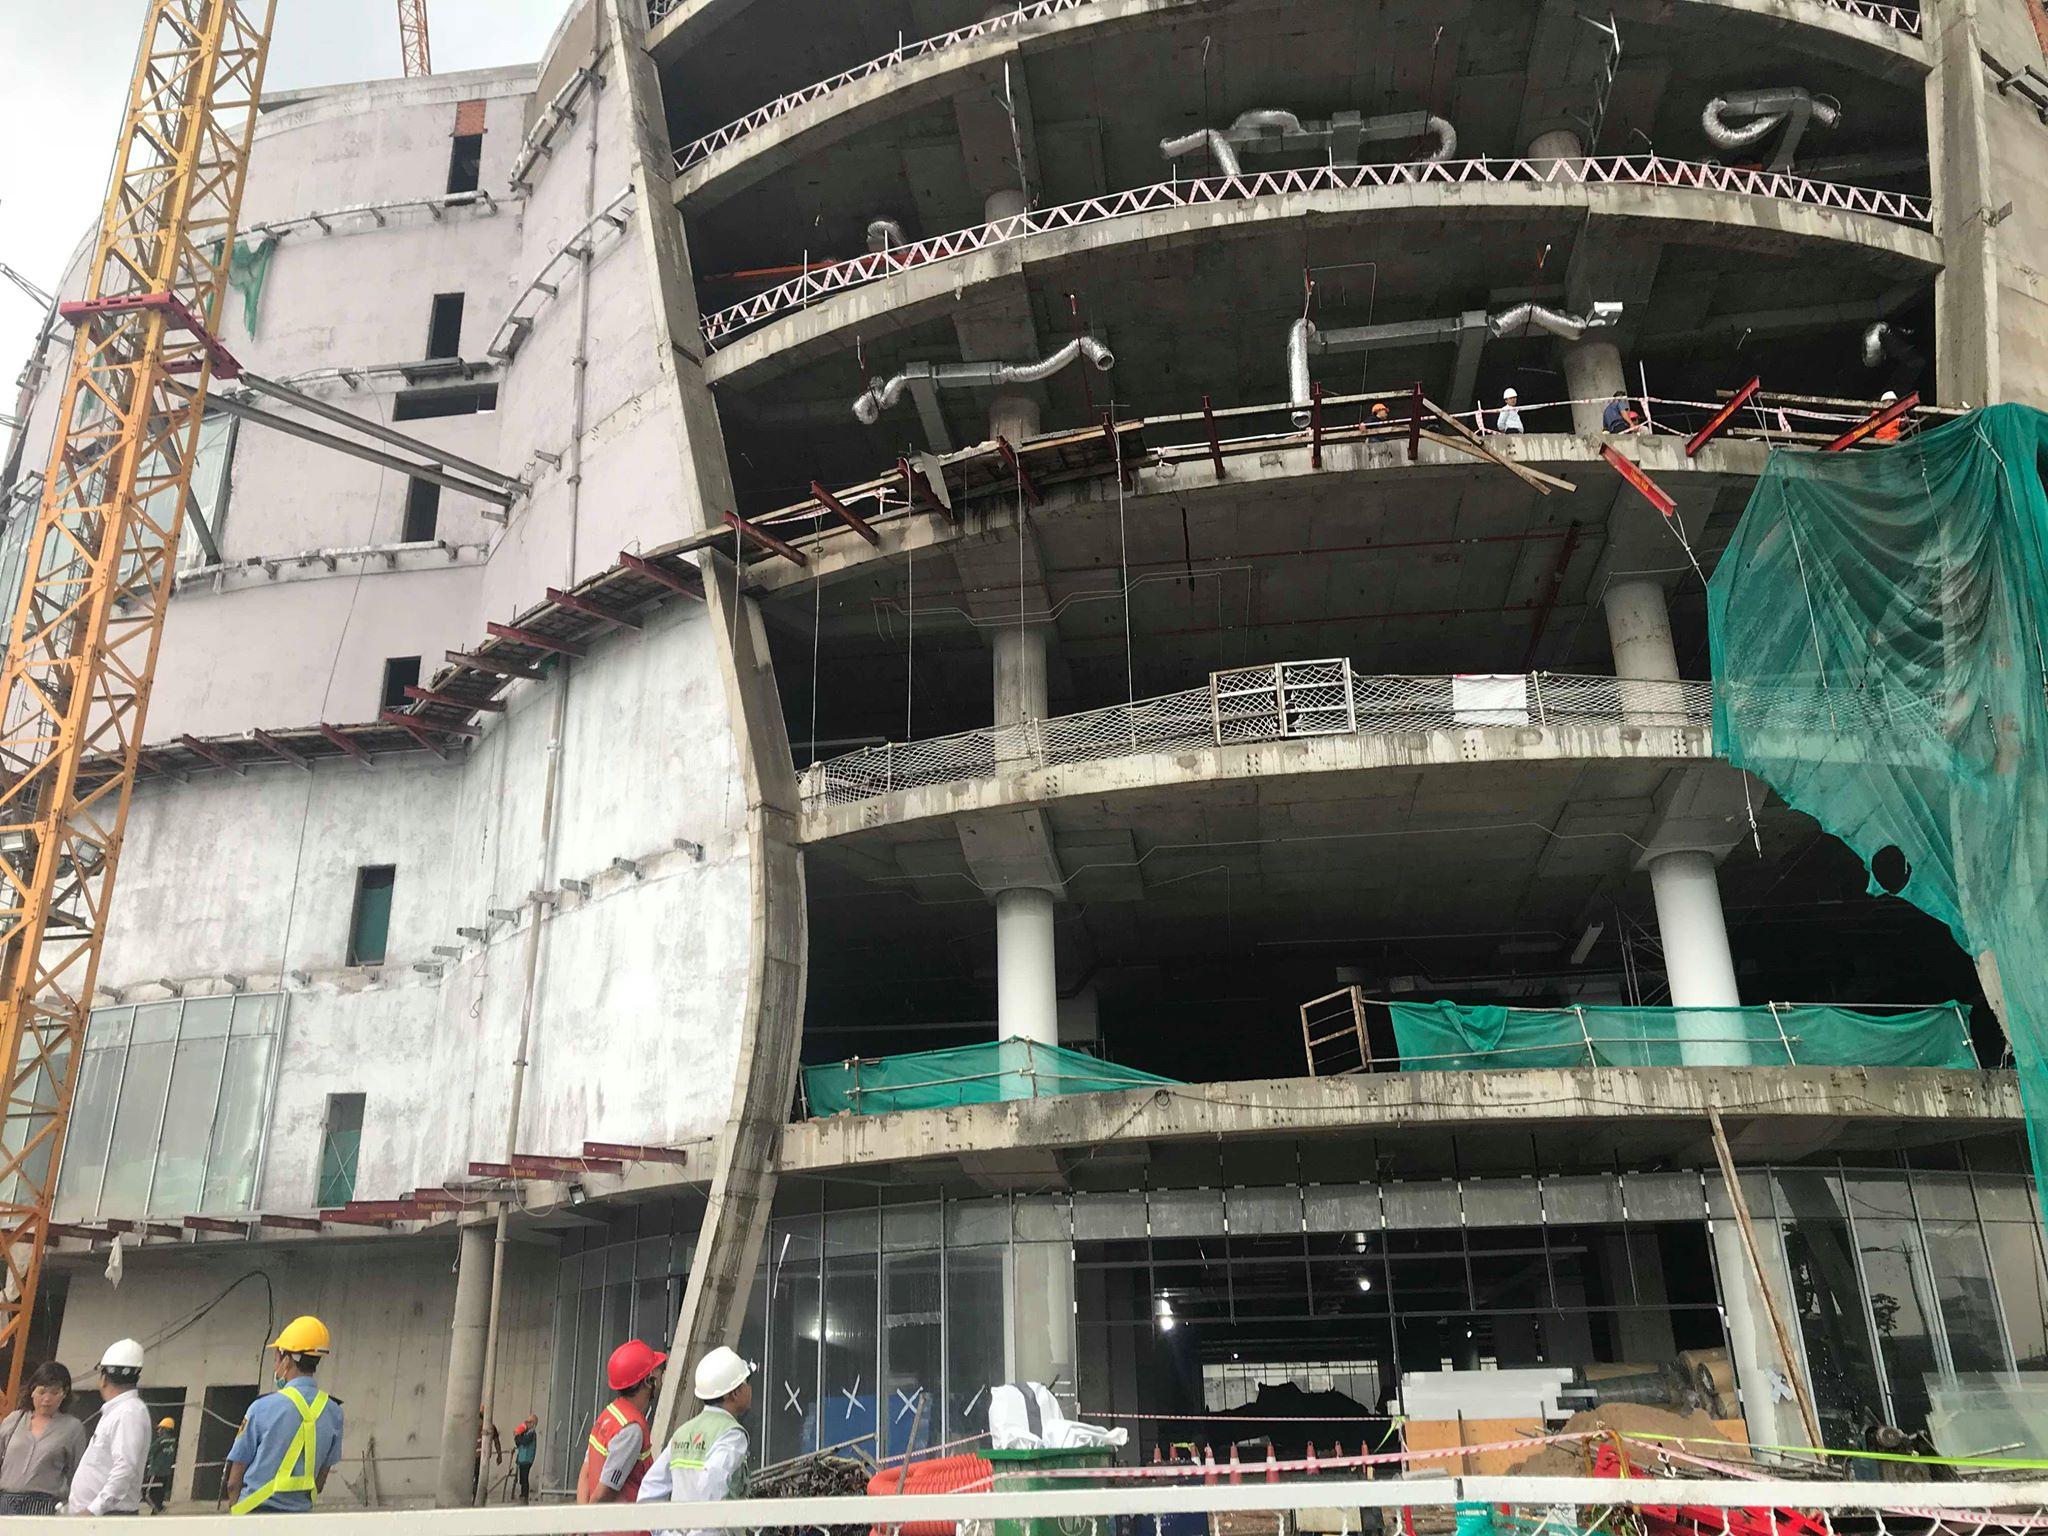 Hé lộ tình tiết bất ngờ vụ 3 công nhân rơi từ công trình cao tầng xuống đất - Ảnh 2